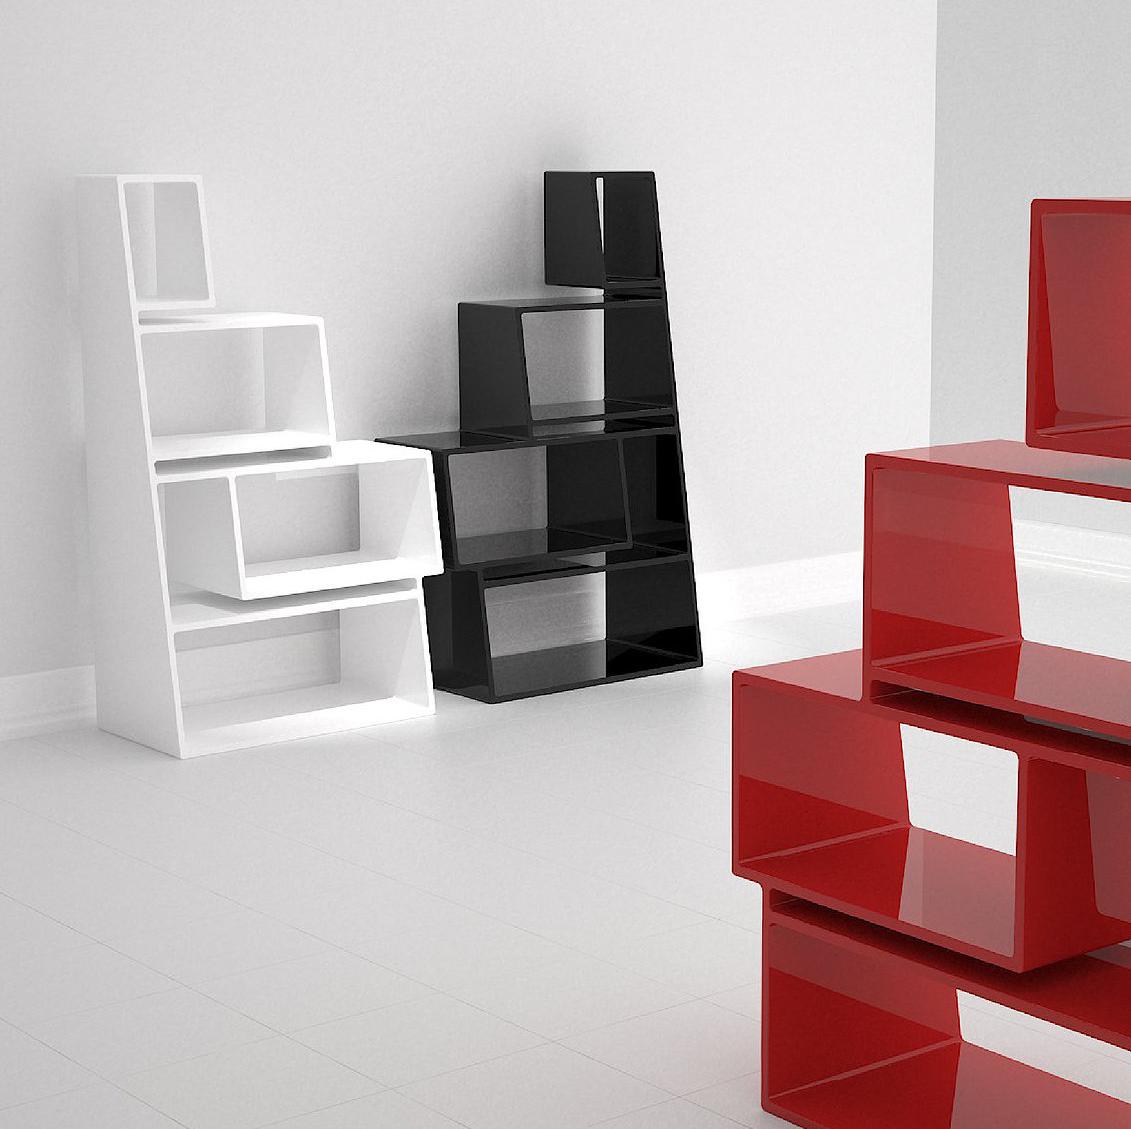 Linc Shelves